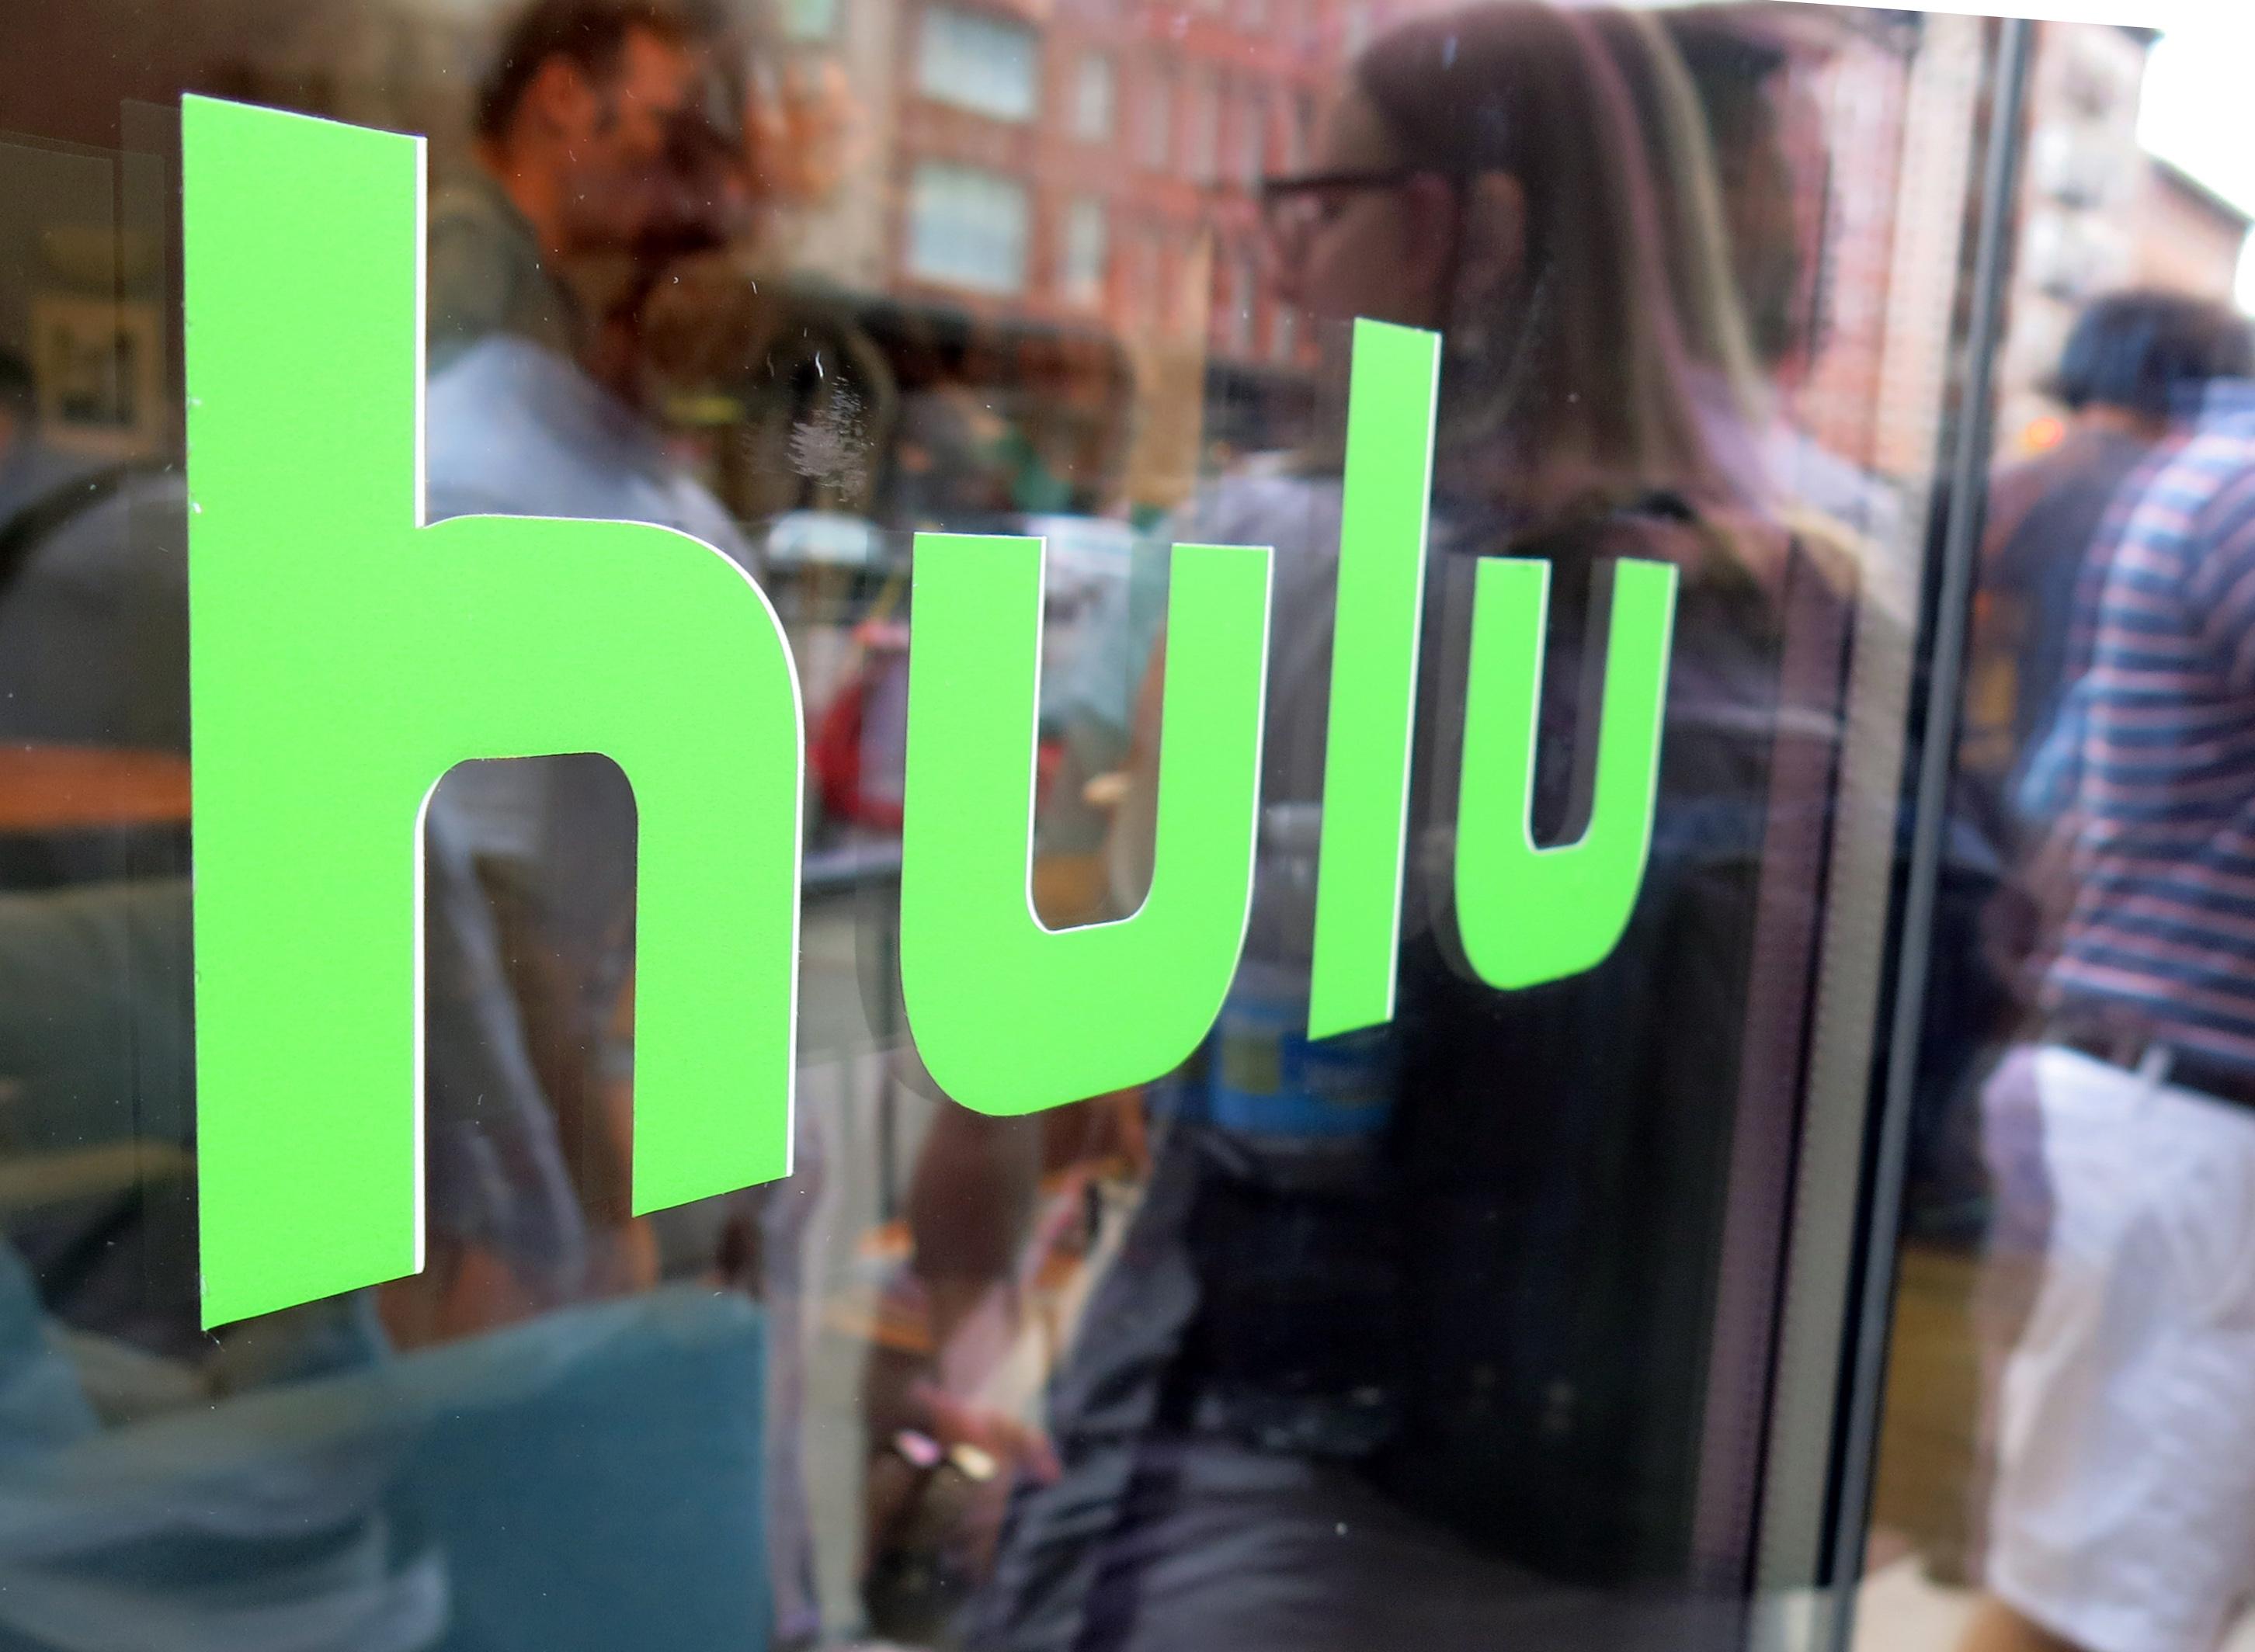 Epix reaches multiyear Hulu deal, ends Netflix agreement